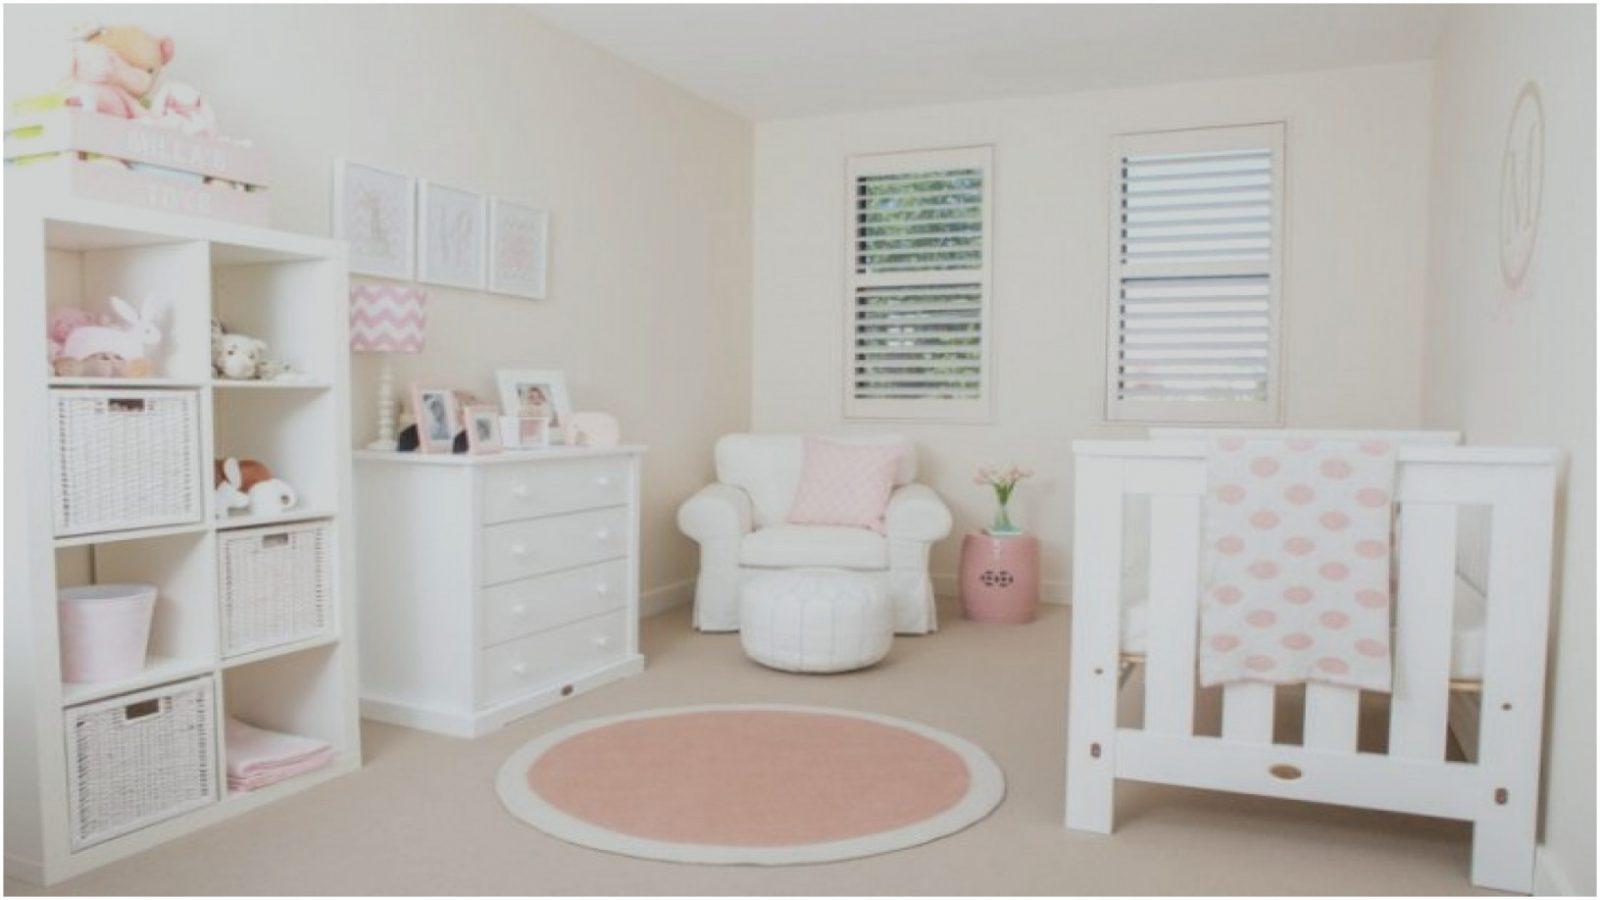 1 Babyzimmer Deko Ideen Prima Bezaubernde Ideen Babyzimmer von Babyzimmer Deko Bilder Photo